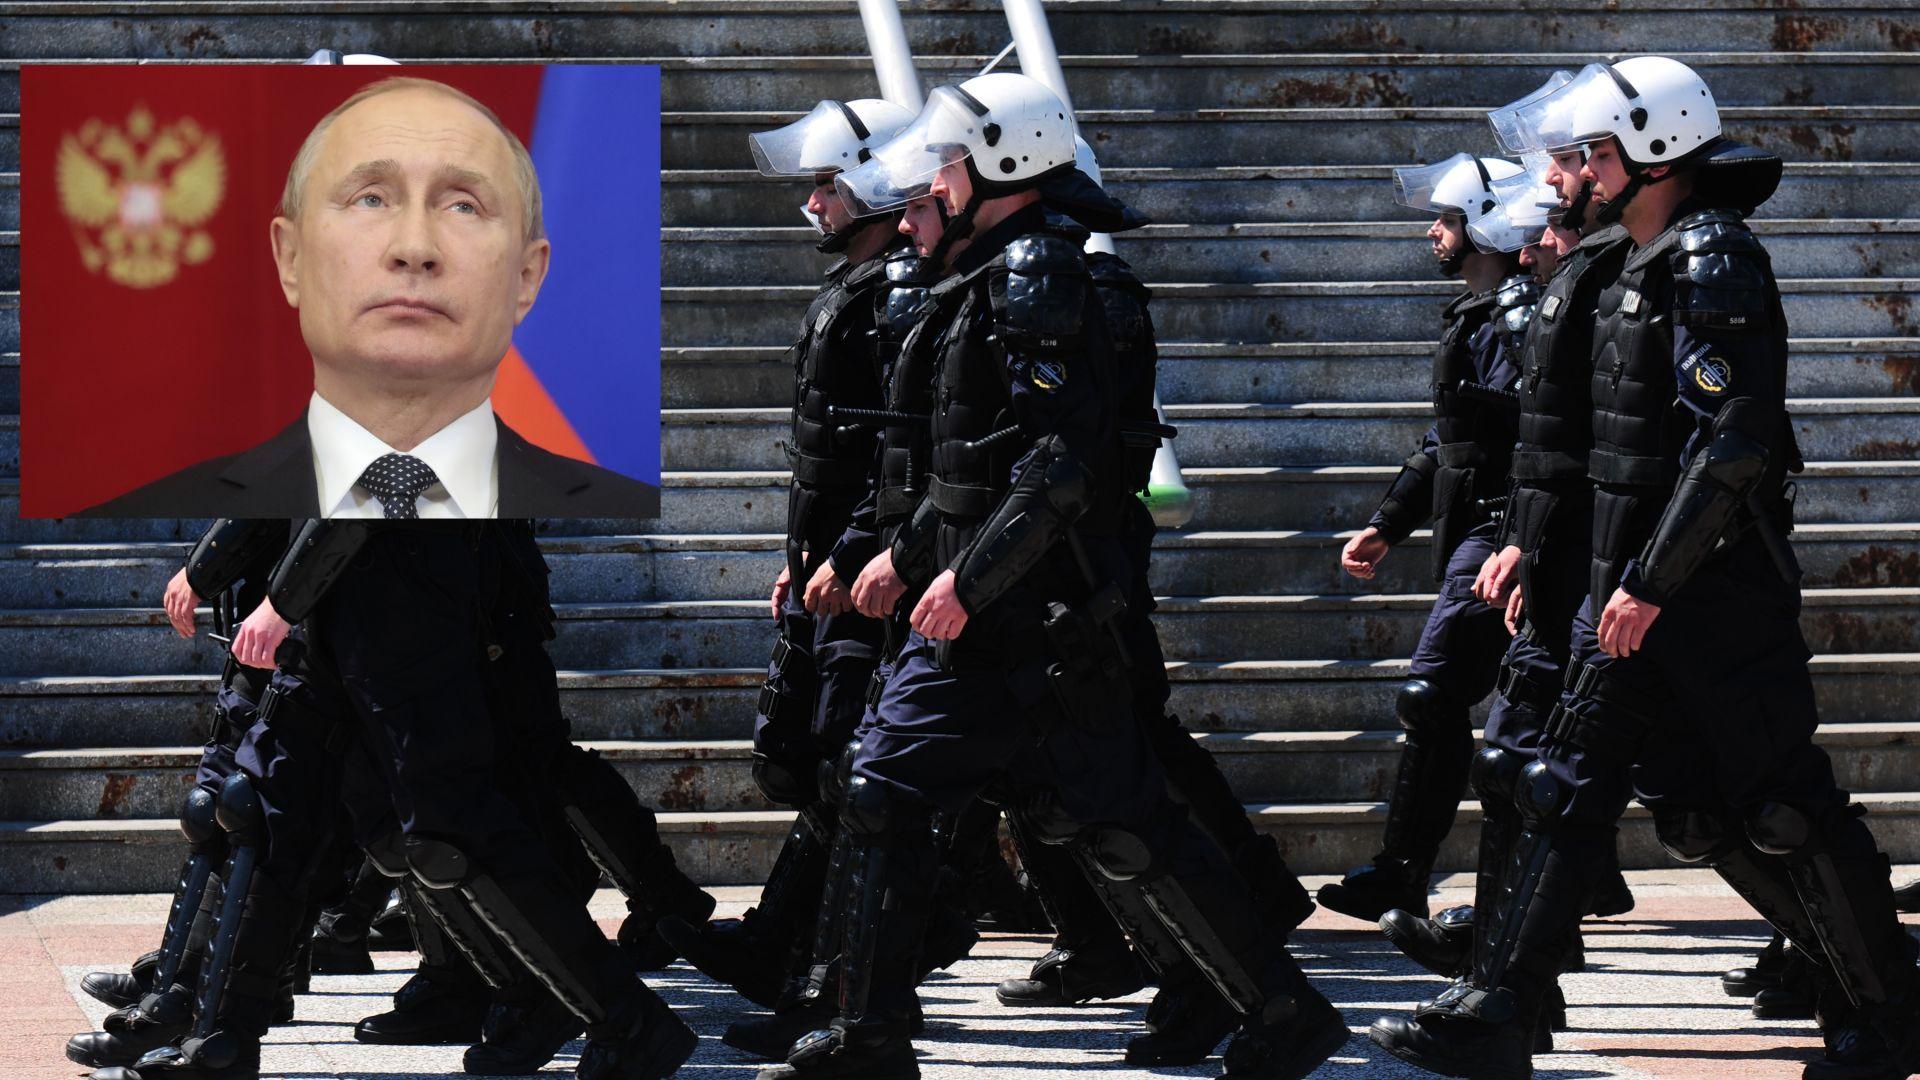 Сърбия посреща Путин с железни мерки за сигурност и всенародна любов